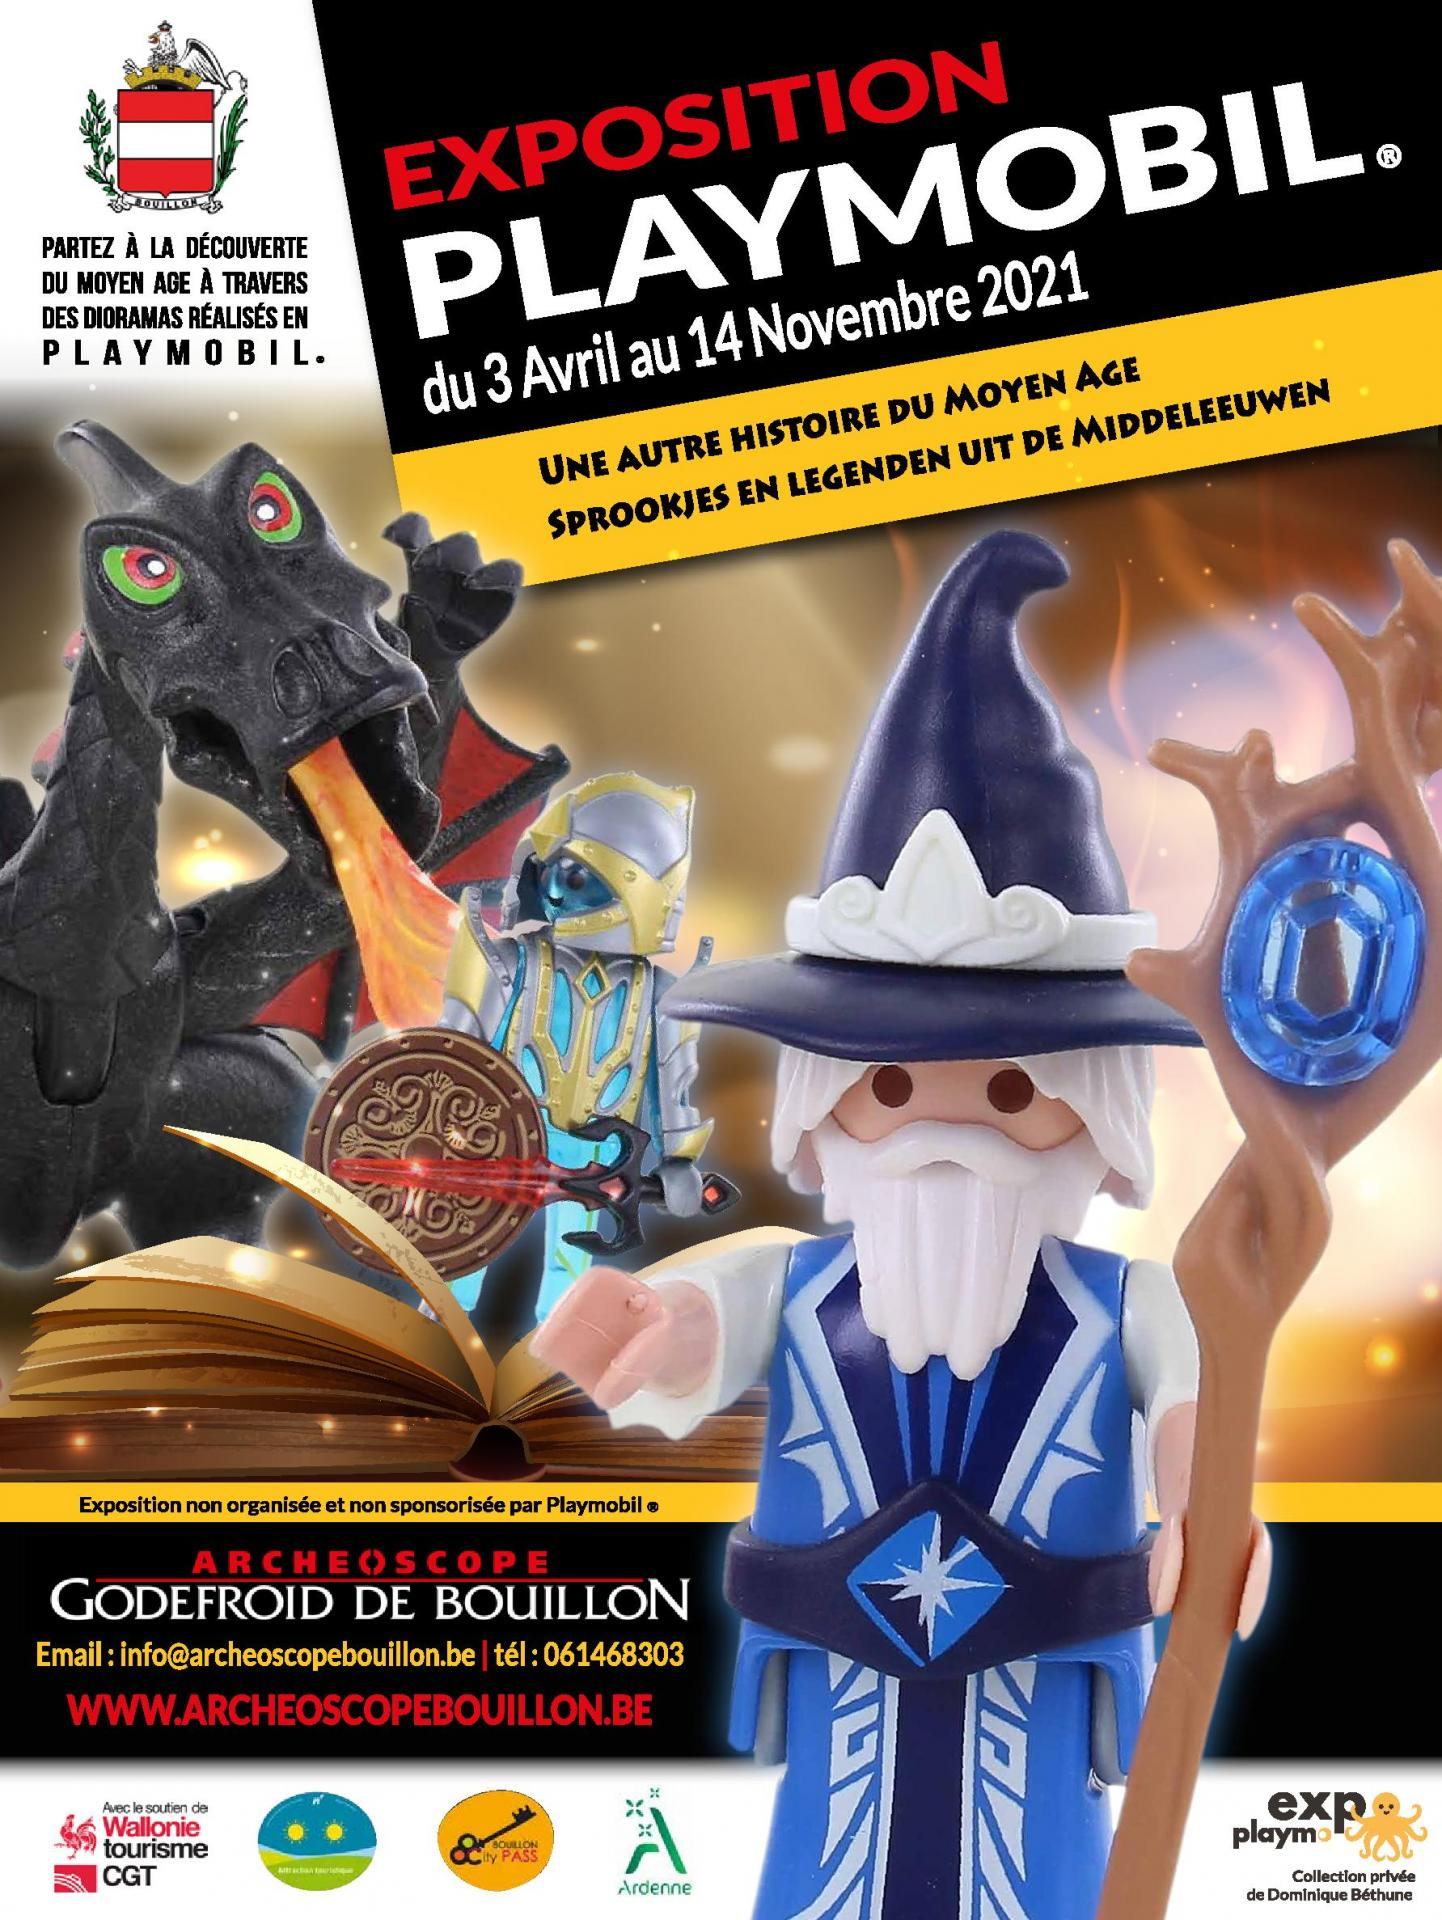 Exposition Playmobil à l'Archéoscope de Bouillon (Belgique)